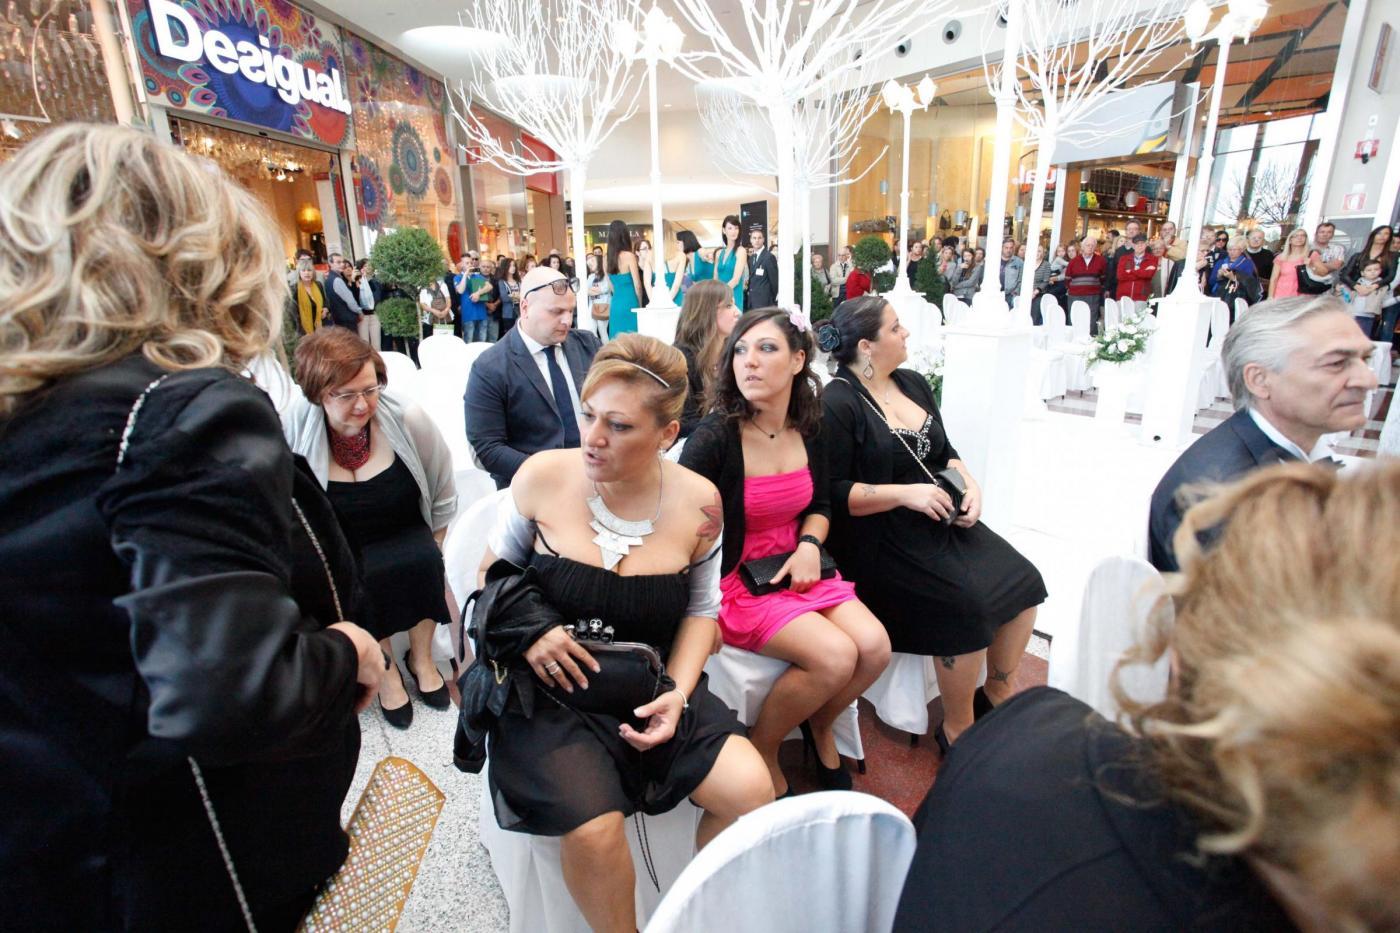 Si sposano nel centro commerciale del primo incontro: è la prima volta in Italia10